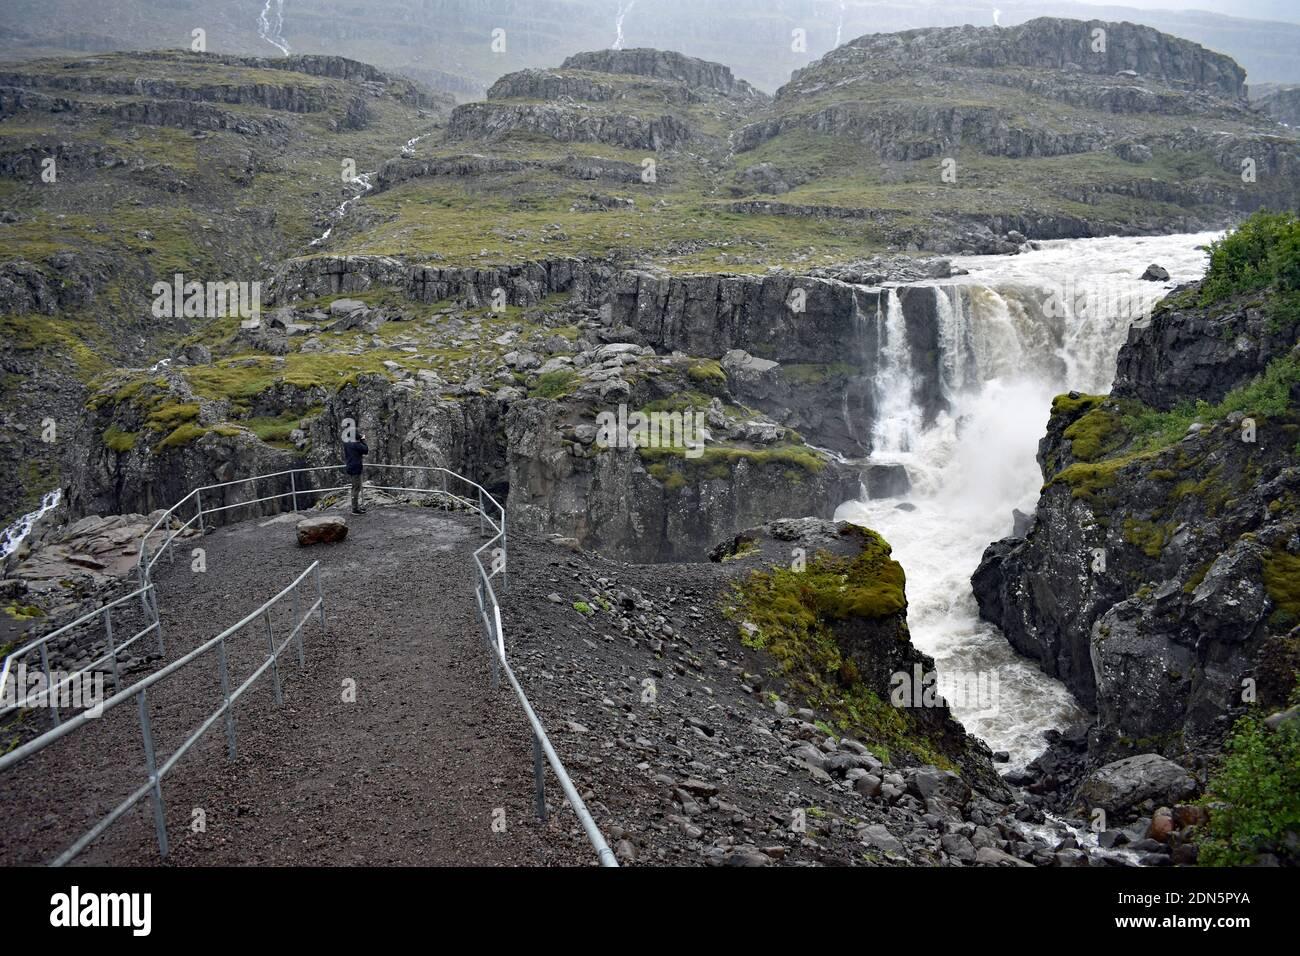 Un homme portant des mains noires se tient derrière des rampes dans la zone d'observation de Nykurhylsfoss (Sveinsstekksfoss) près de Djupivogur dans les Eastfjords d'Islande. Banque D'Images